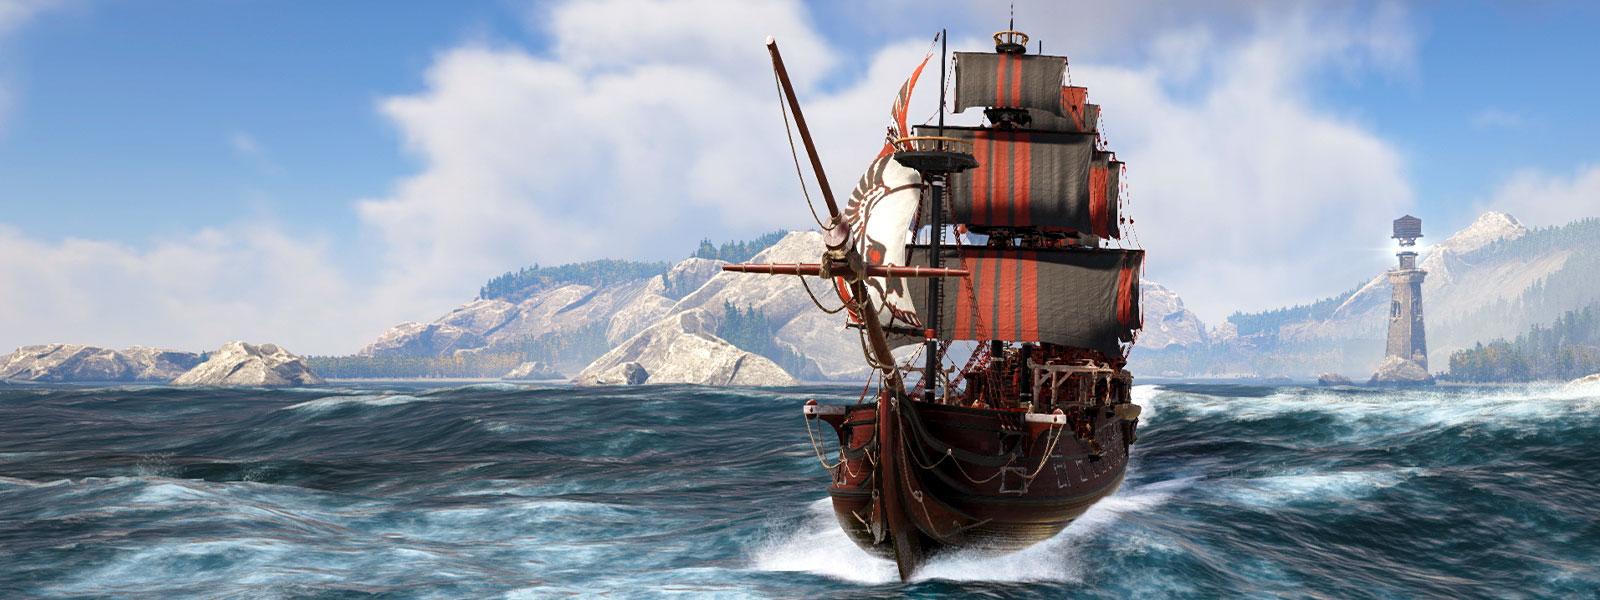 Un bateau avec des voiles rayées noires et rouges naviguant en mer avec un phare et des montagnes à l'arrière-plan